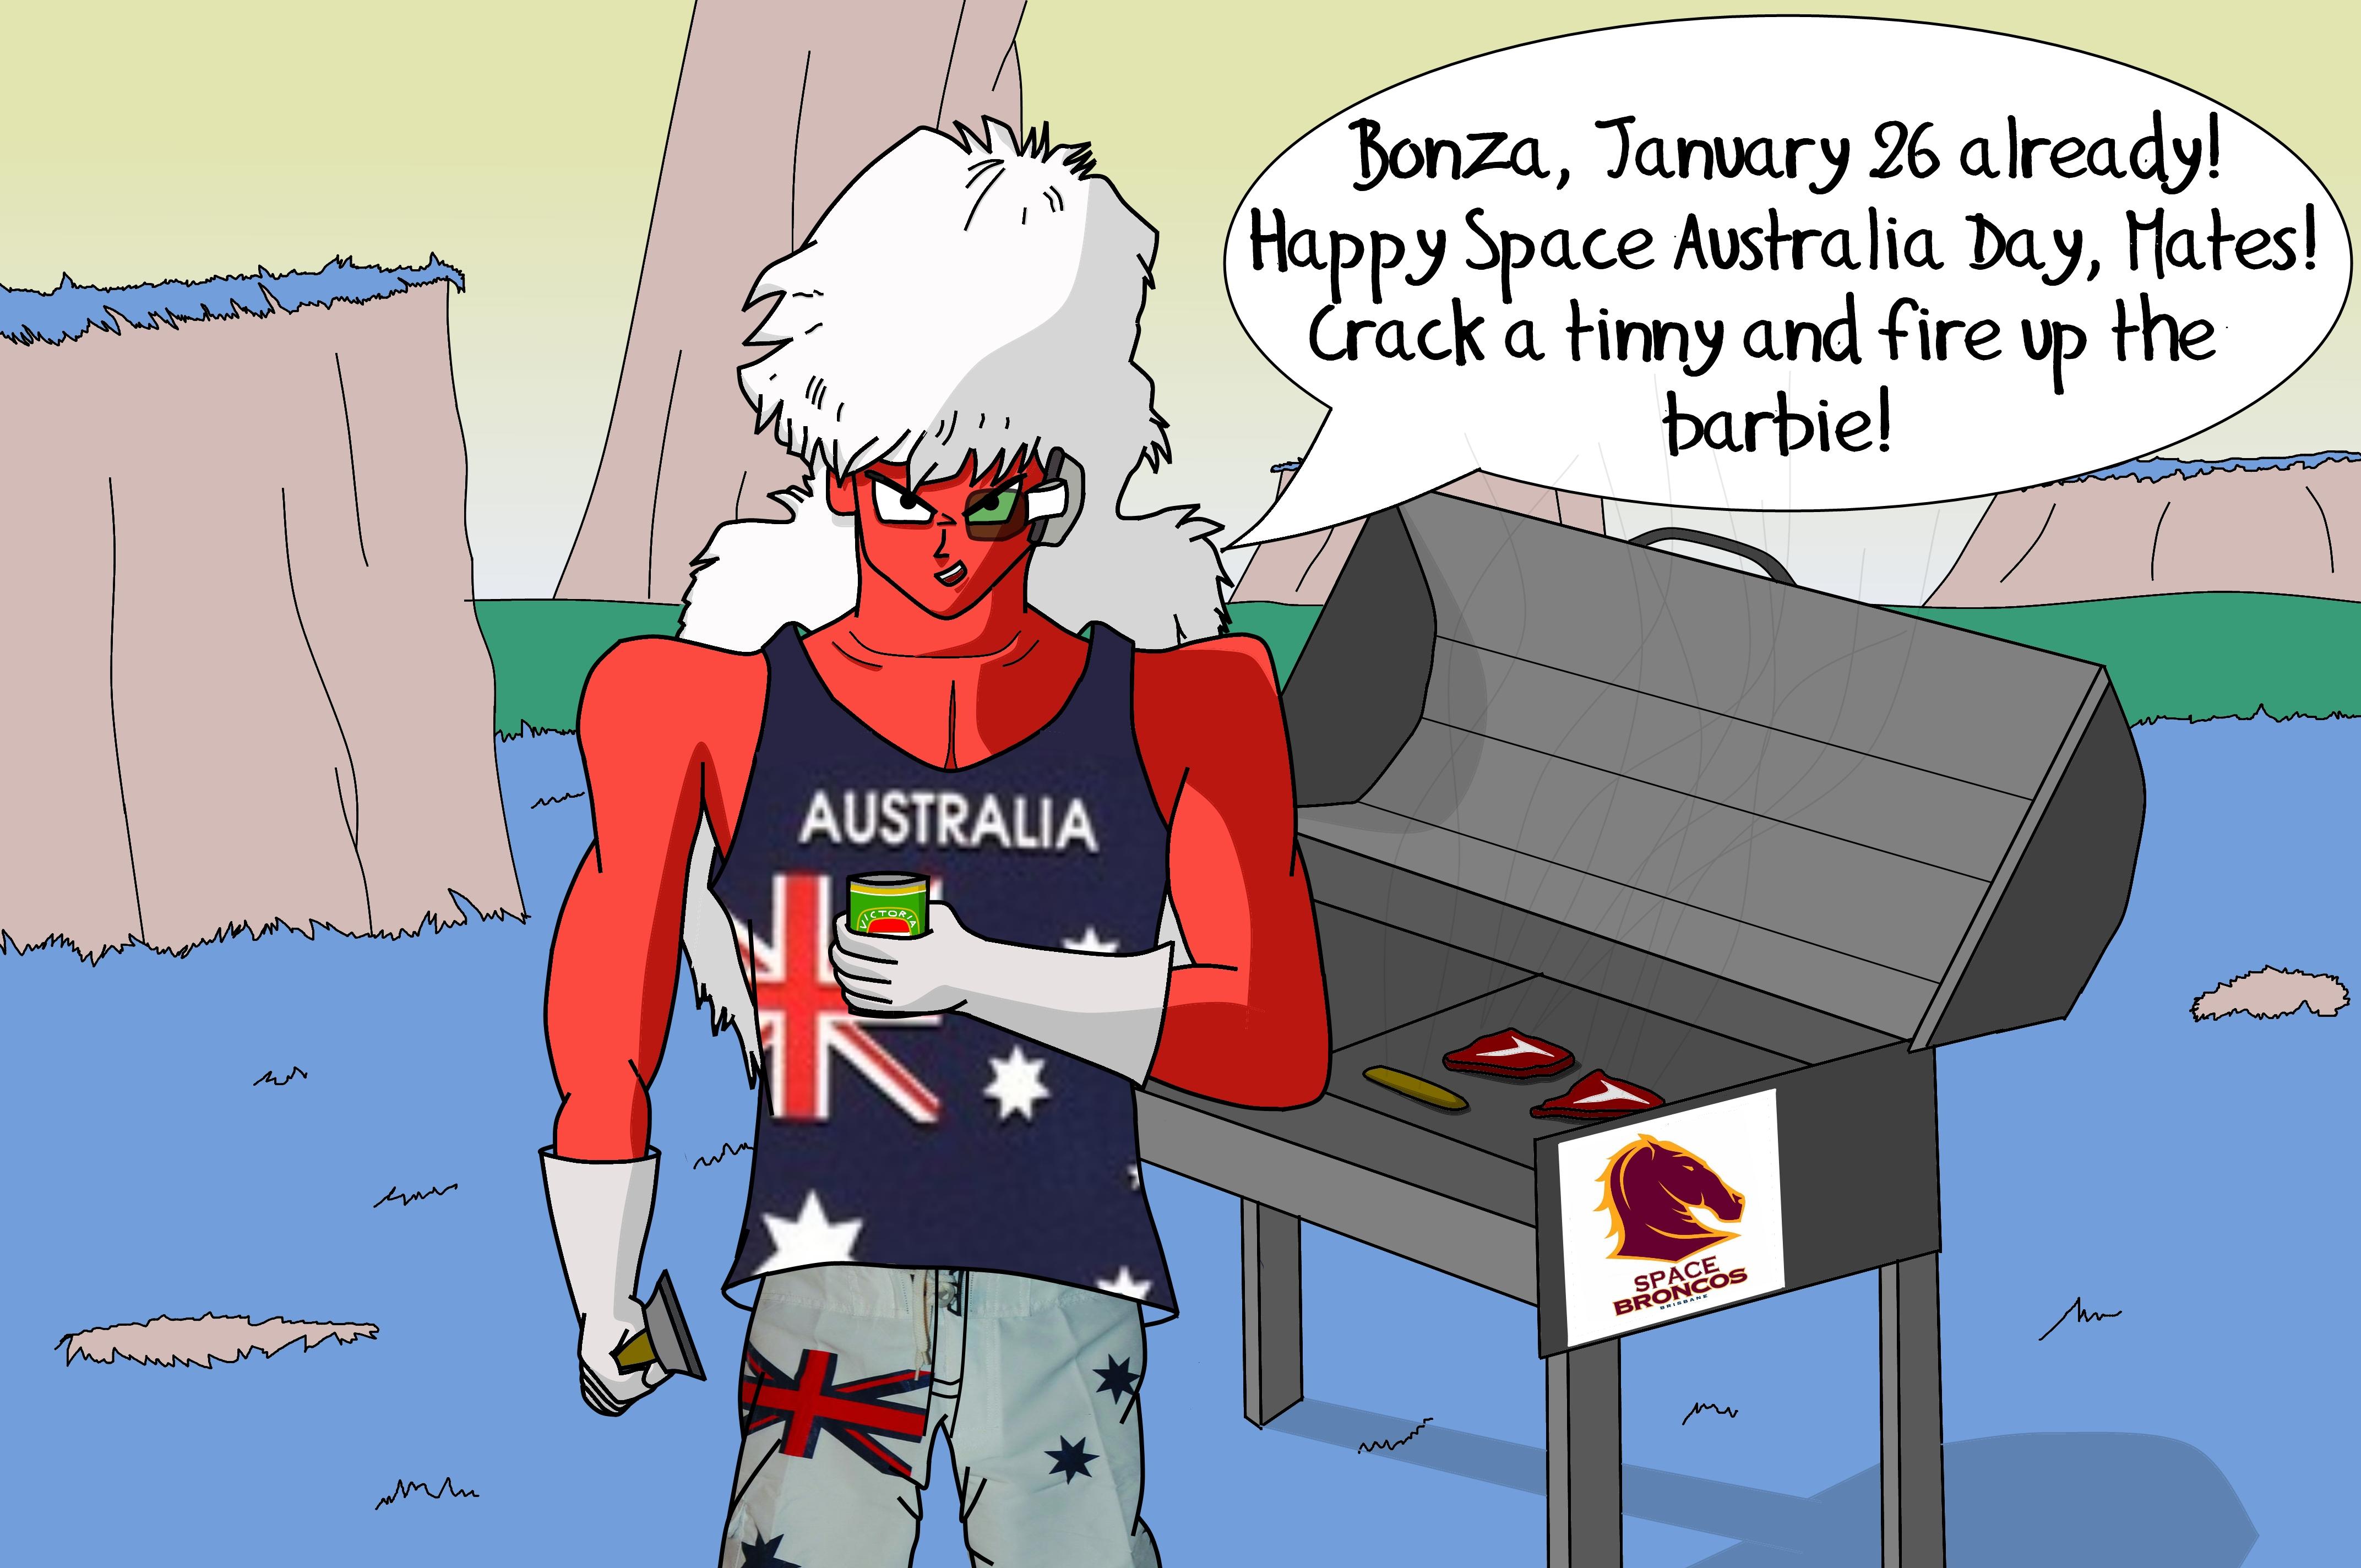 A non devient australia in accordence